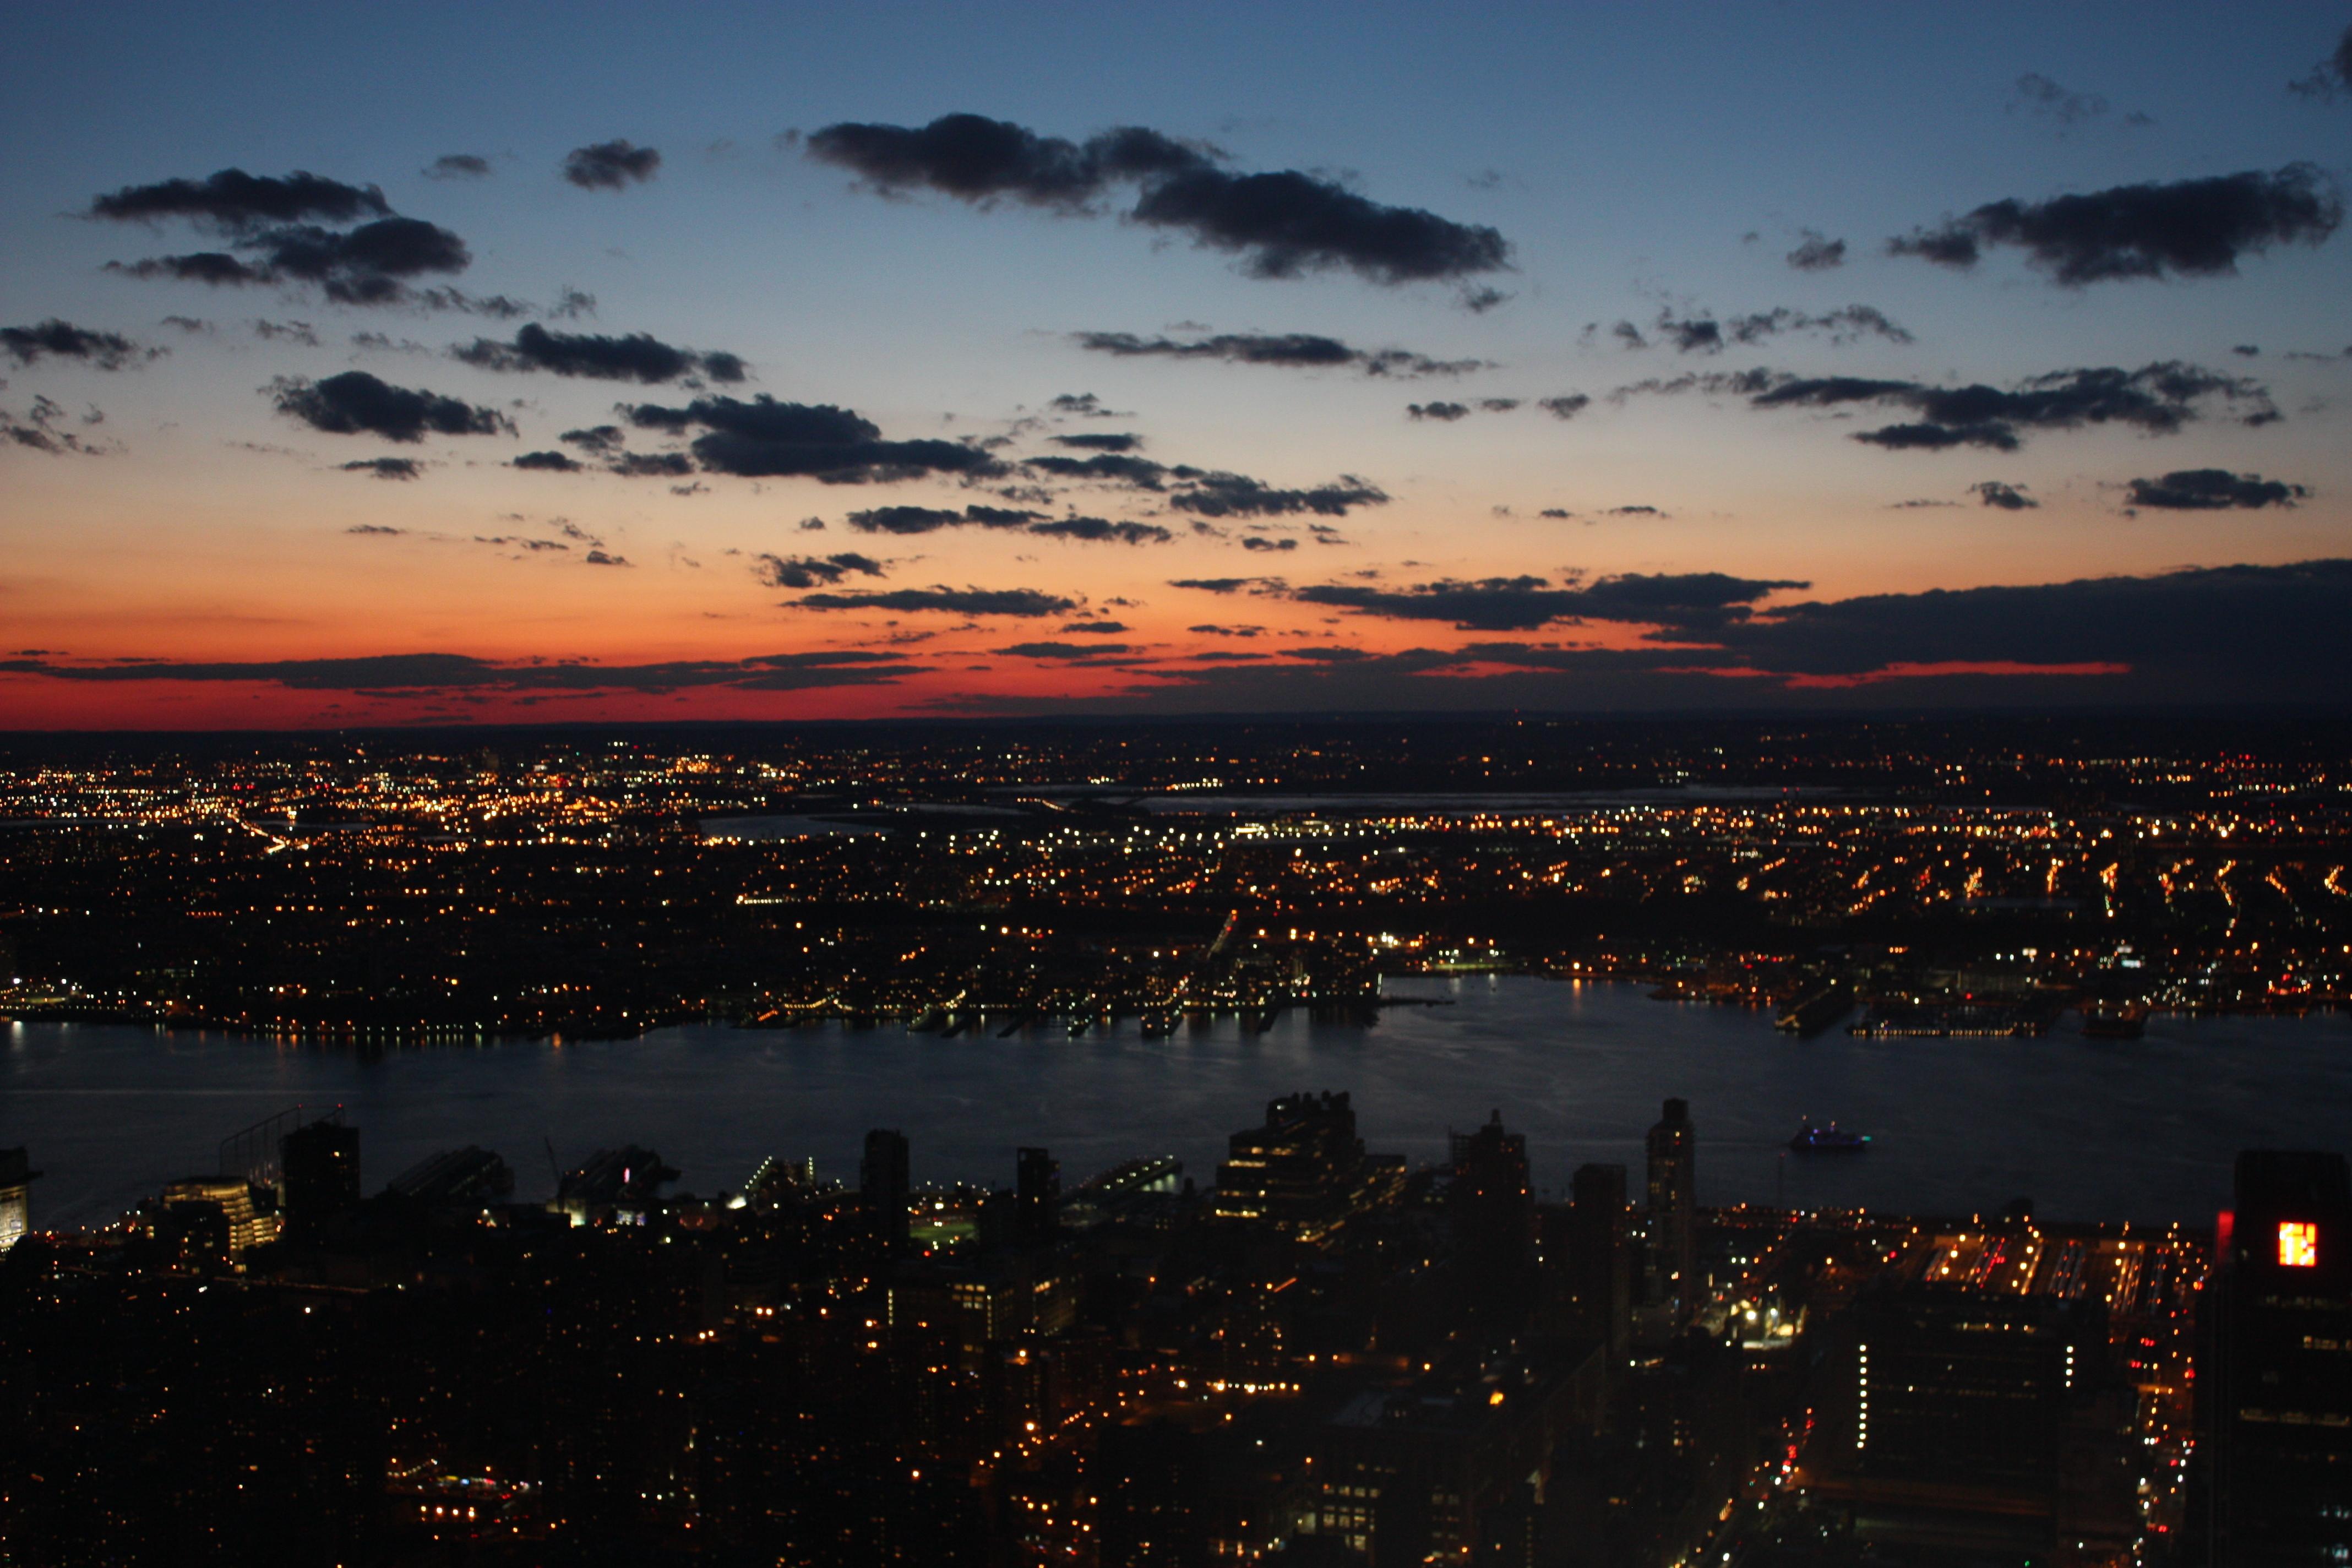 Картинки с видом заката виды города на закате